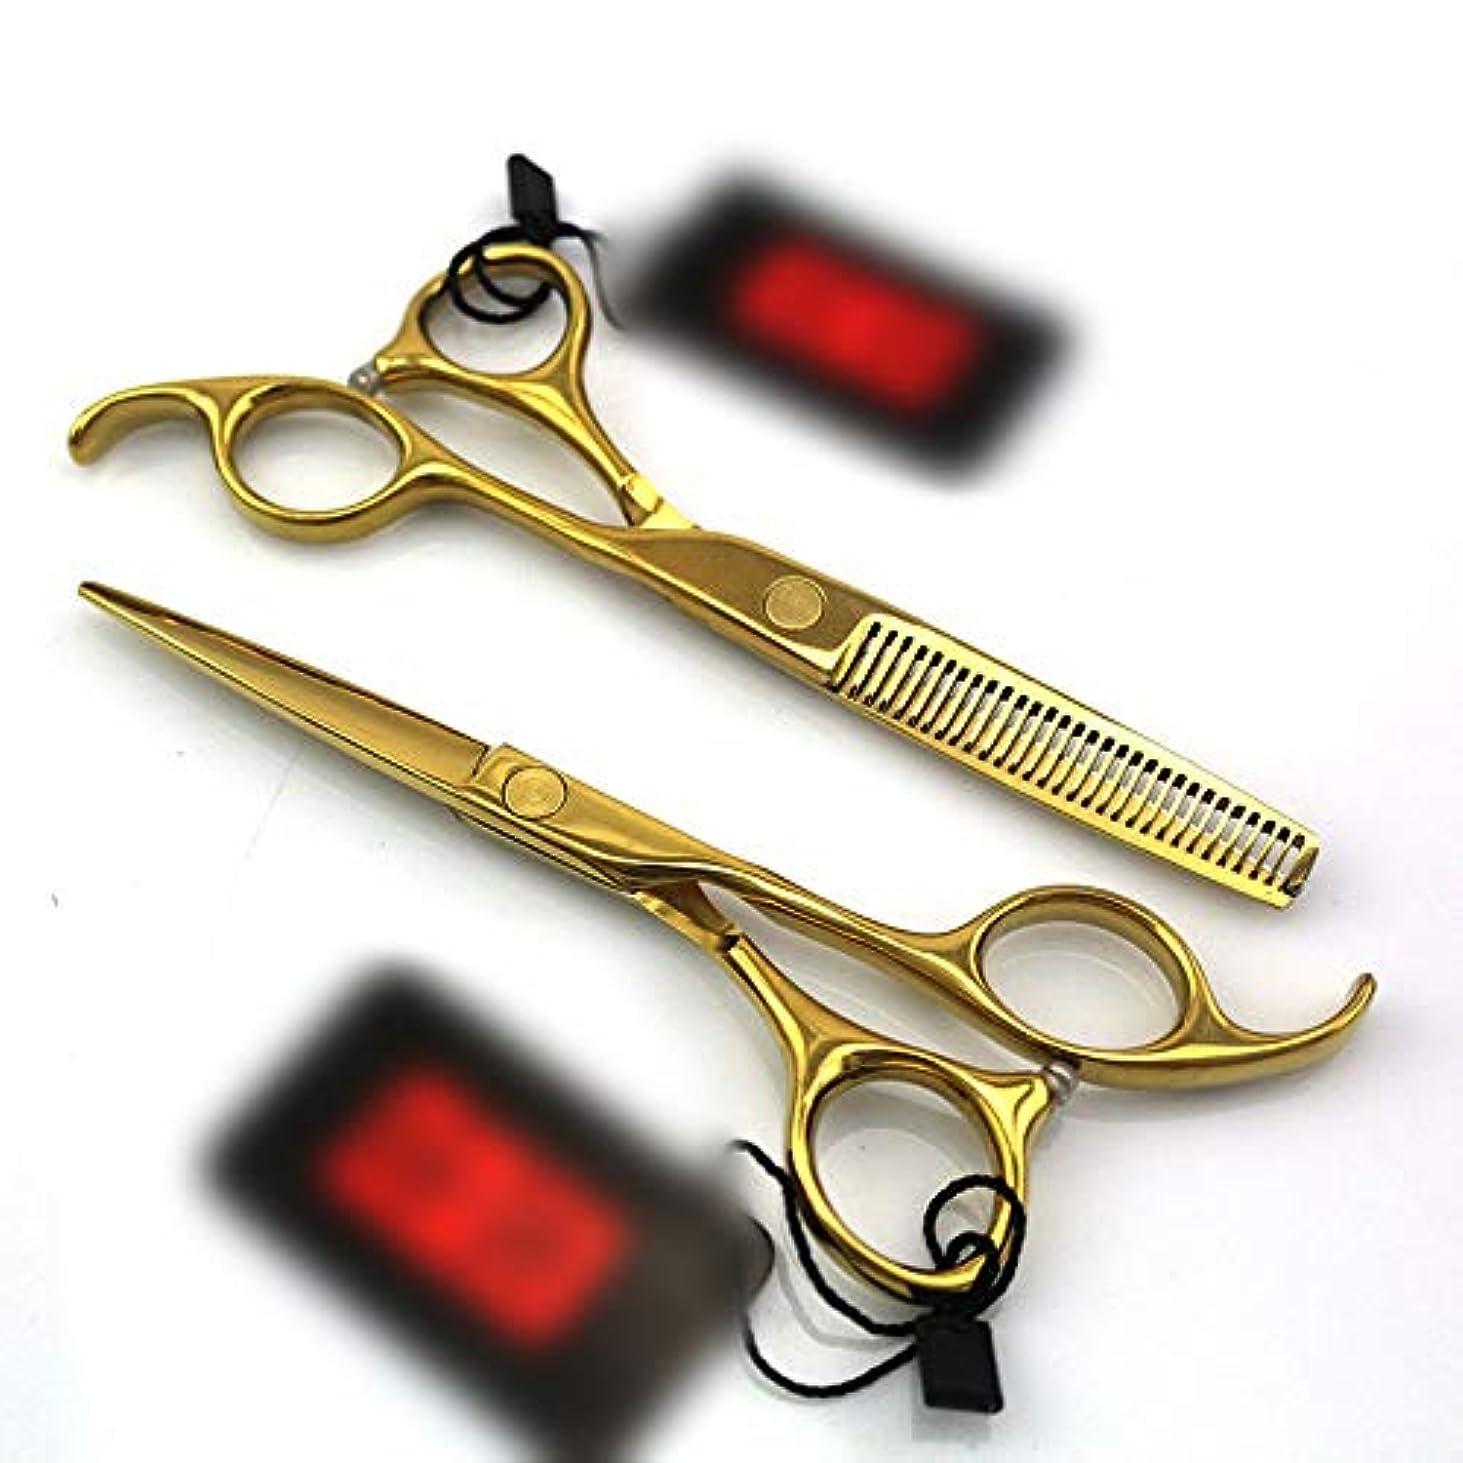 発症霜束ねる5.5インチのまっすぐなハンドルの理髪師のめっきの金の専門の理髪セット ヘアケア (色 : ゴールド)